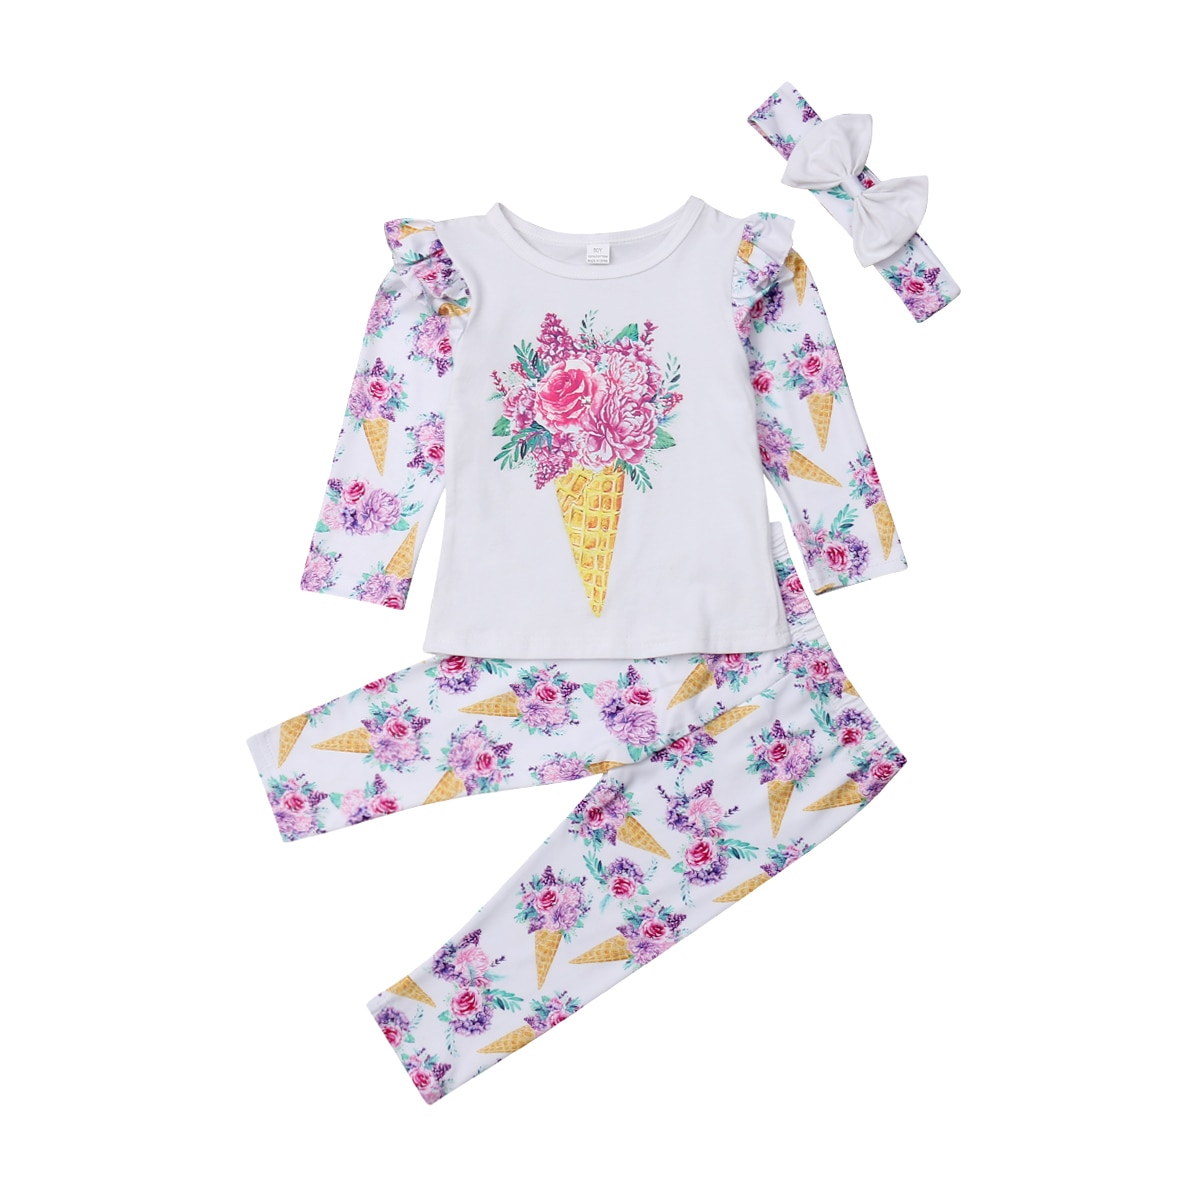 Conjuntos de ropa para niñas y niños pequeños, Tops de helado Floral, camiseta, pantalones de manga larga, diademas, trajes de 3 piezas para niñas 0-5 T